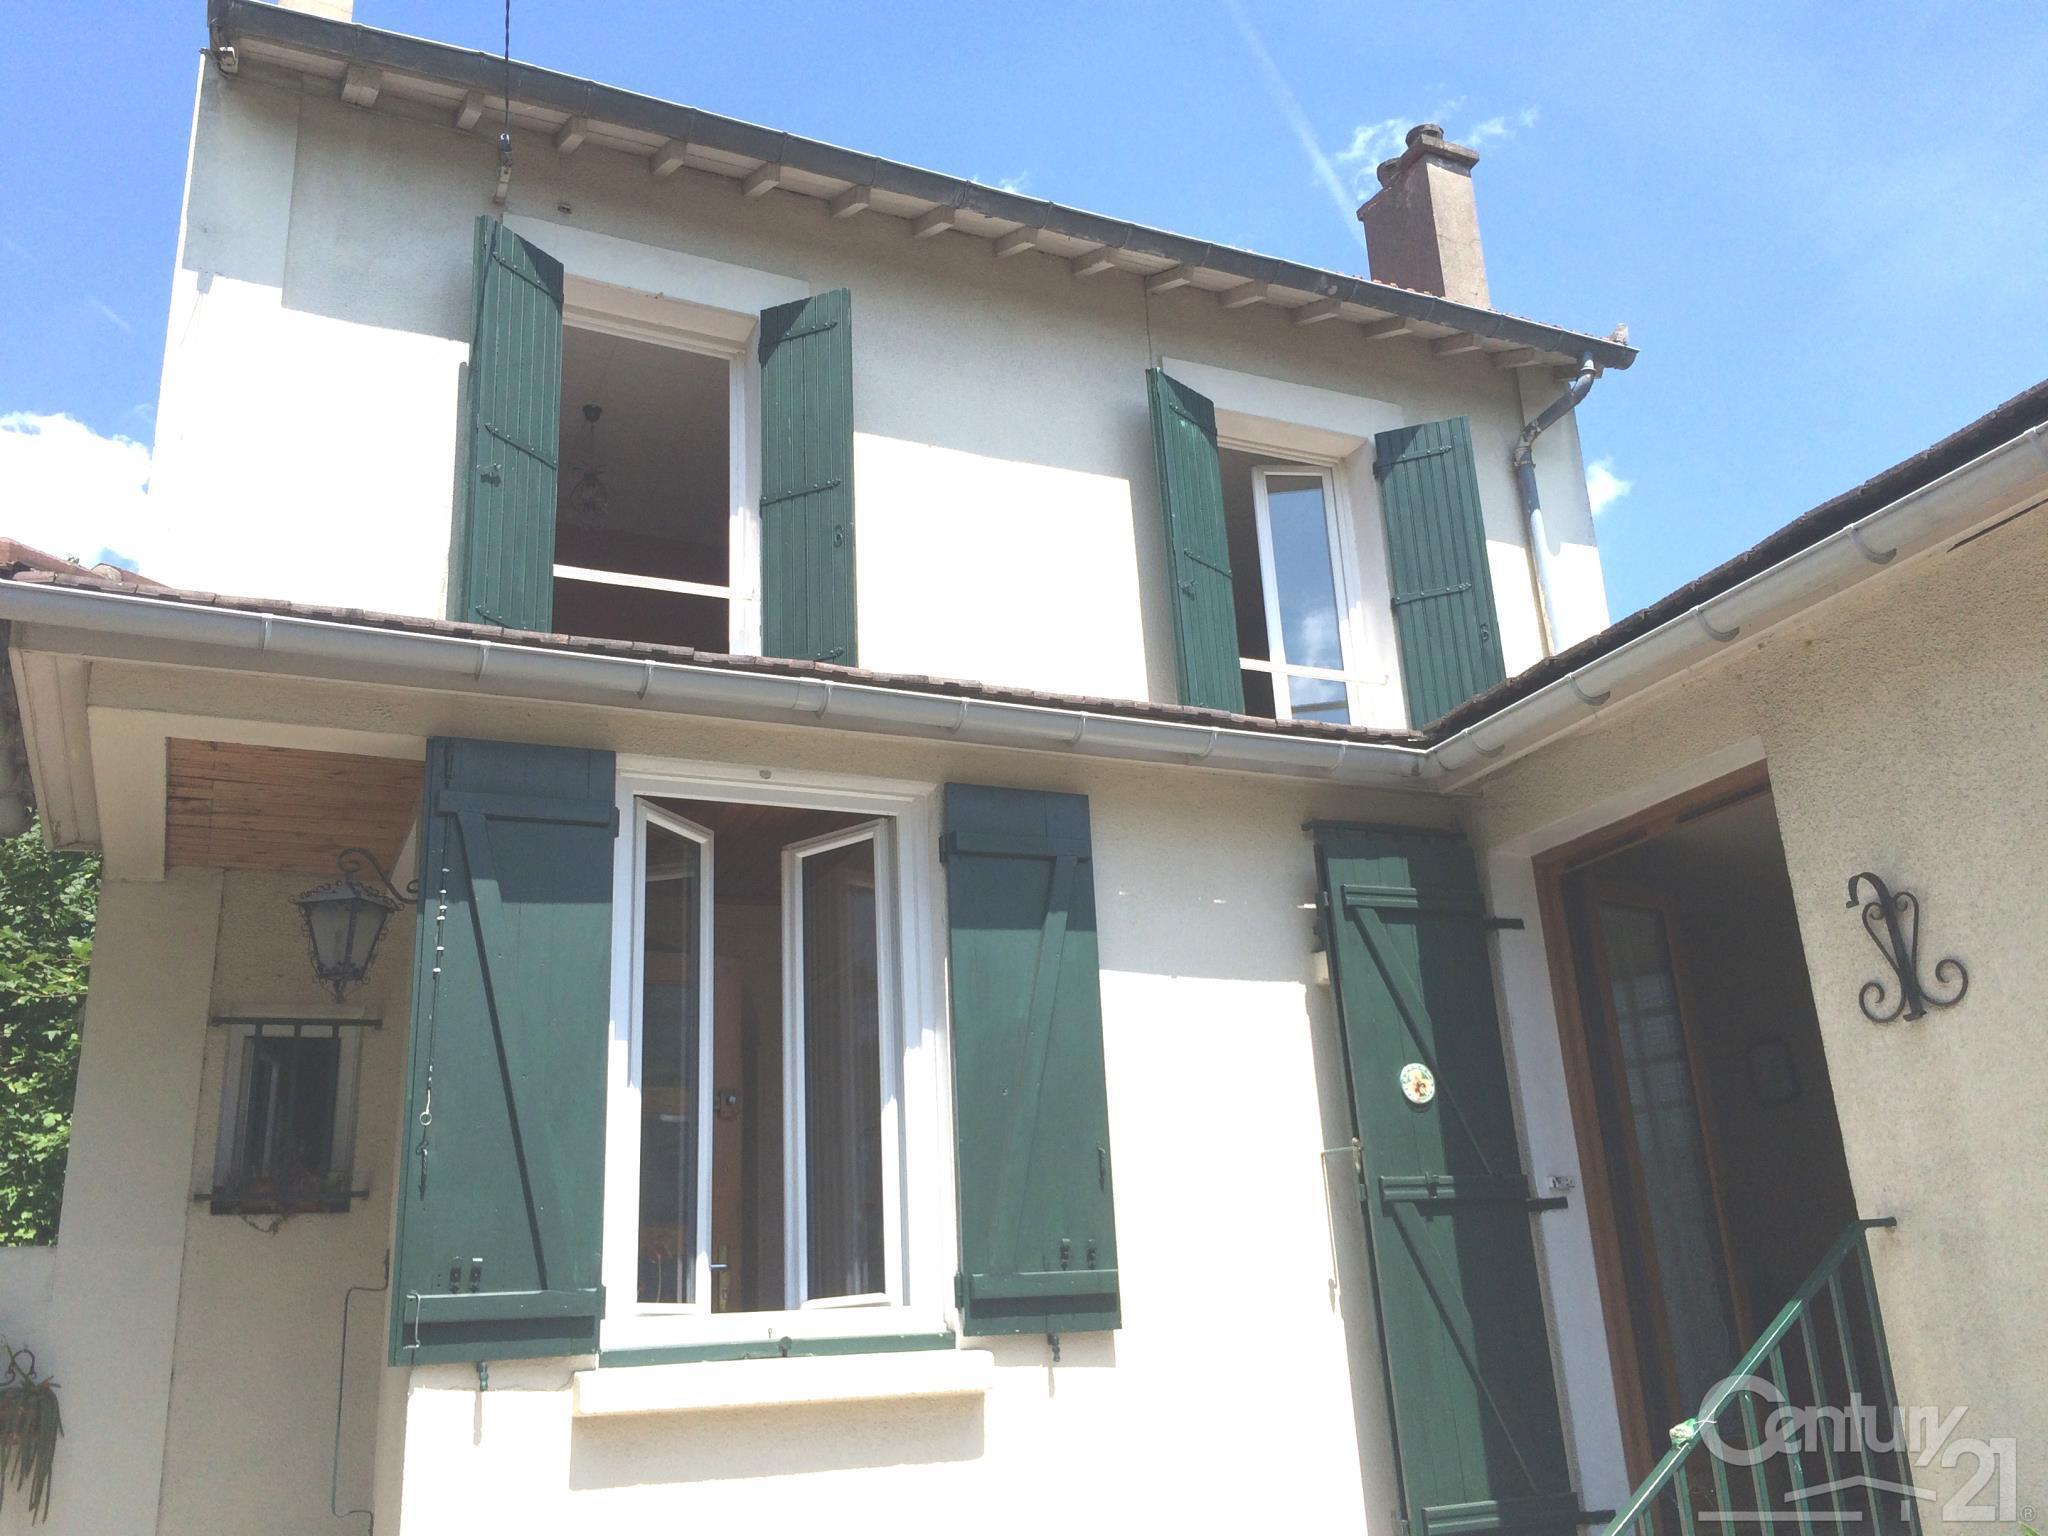 Maison vendre 4 pi ces 54 m2 deuil la barre 95 for Achat maison deuil la barre